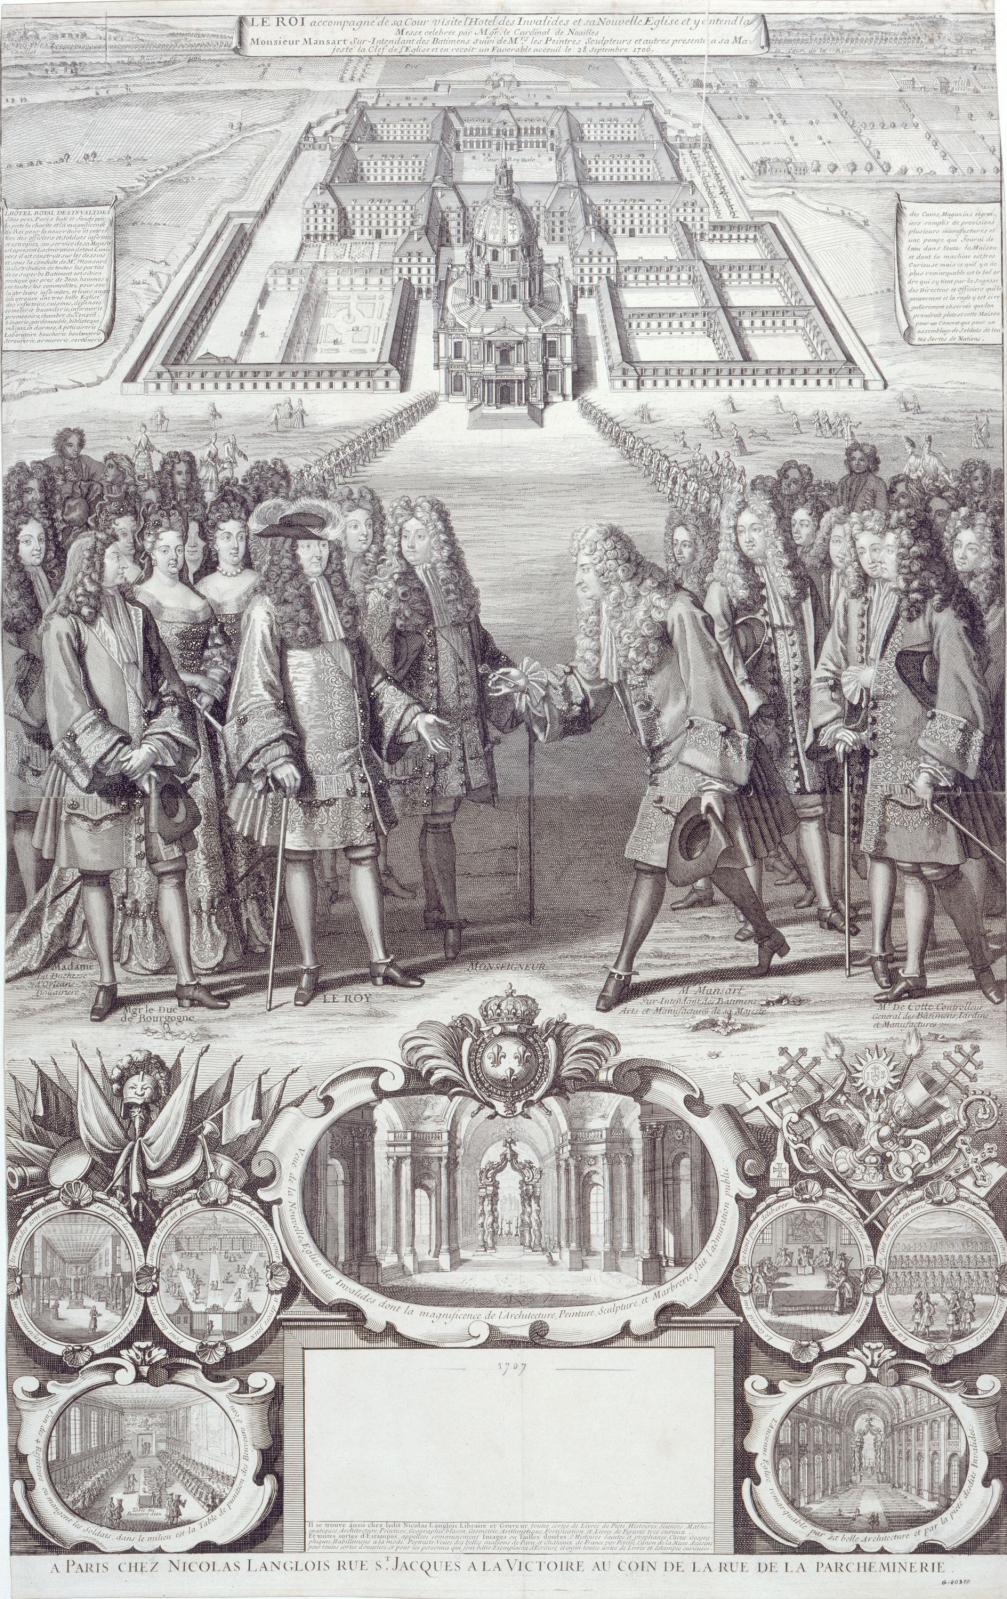 Anonyme, Almanach pour l'année 1707: le roi visite l'hôtel des Invalides, 28septembre 1706, musée Carnavalet, Histoire de Paris. © Paris